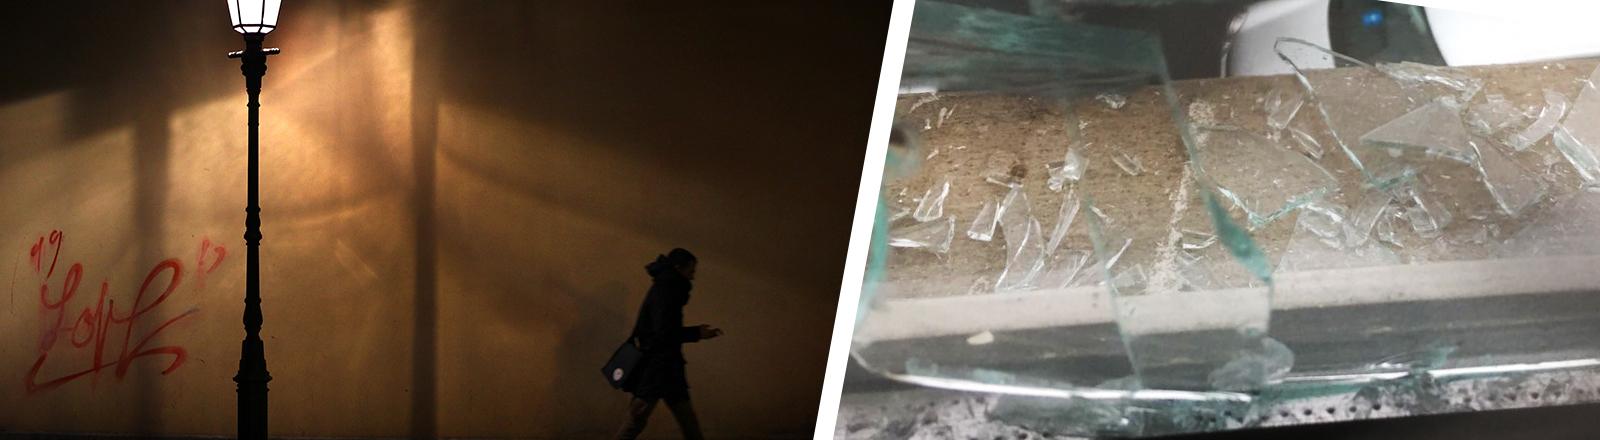 Collage eines Symbolbilds eines Menschen im Dunkeln auf der Straße und einer zerbrochenen Schreibe